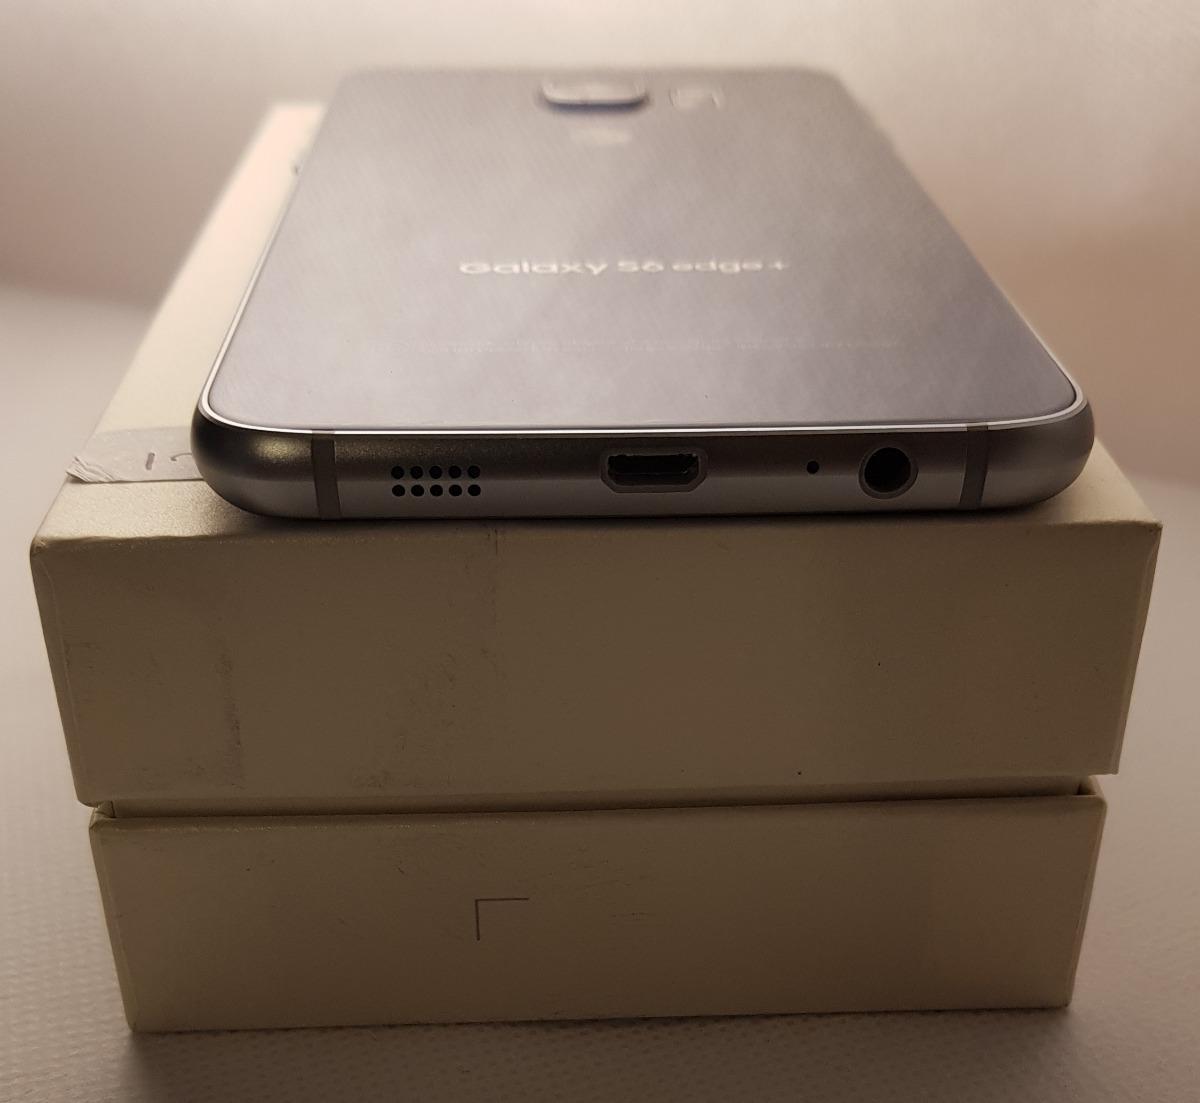 eb2ed78f6ee Samsung Galaxy S6 Edge Plus 64 Gb Nuevo Desbloqueado - $ 6,000.00 en ...